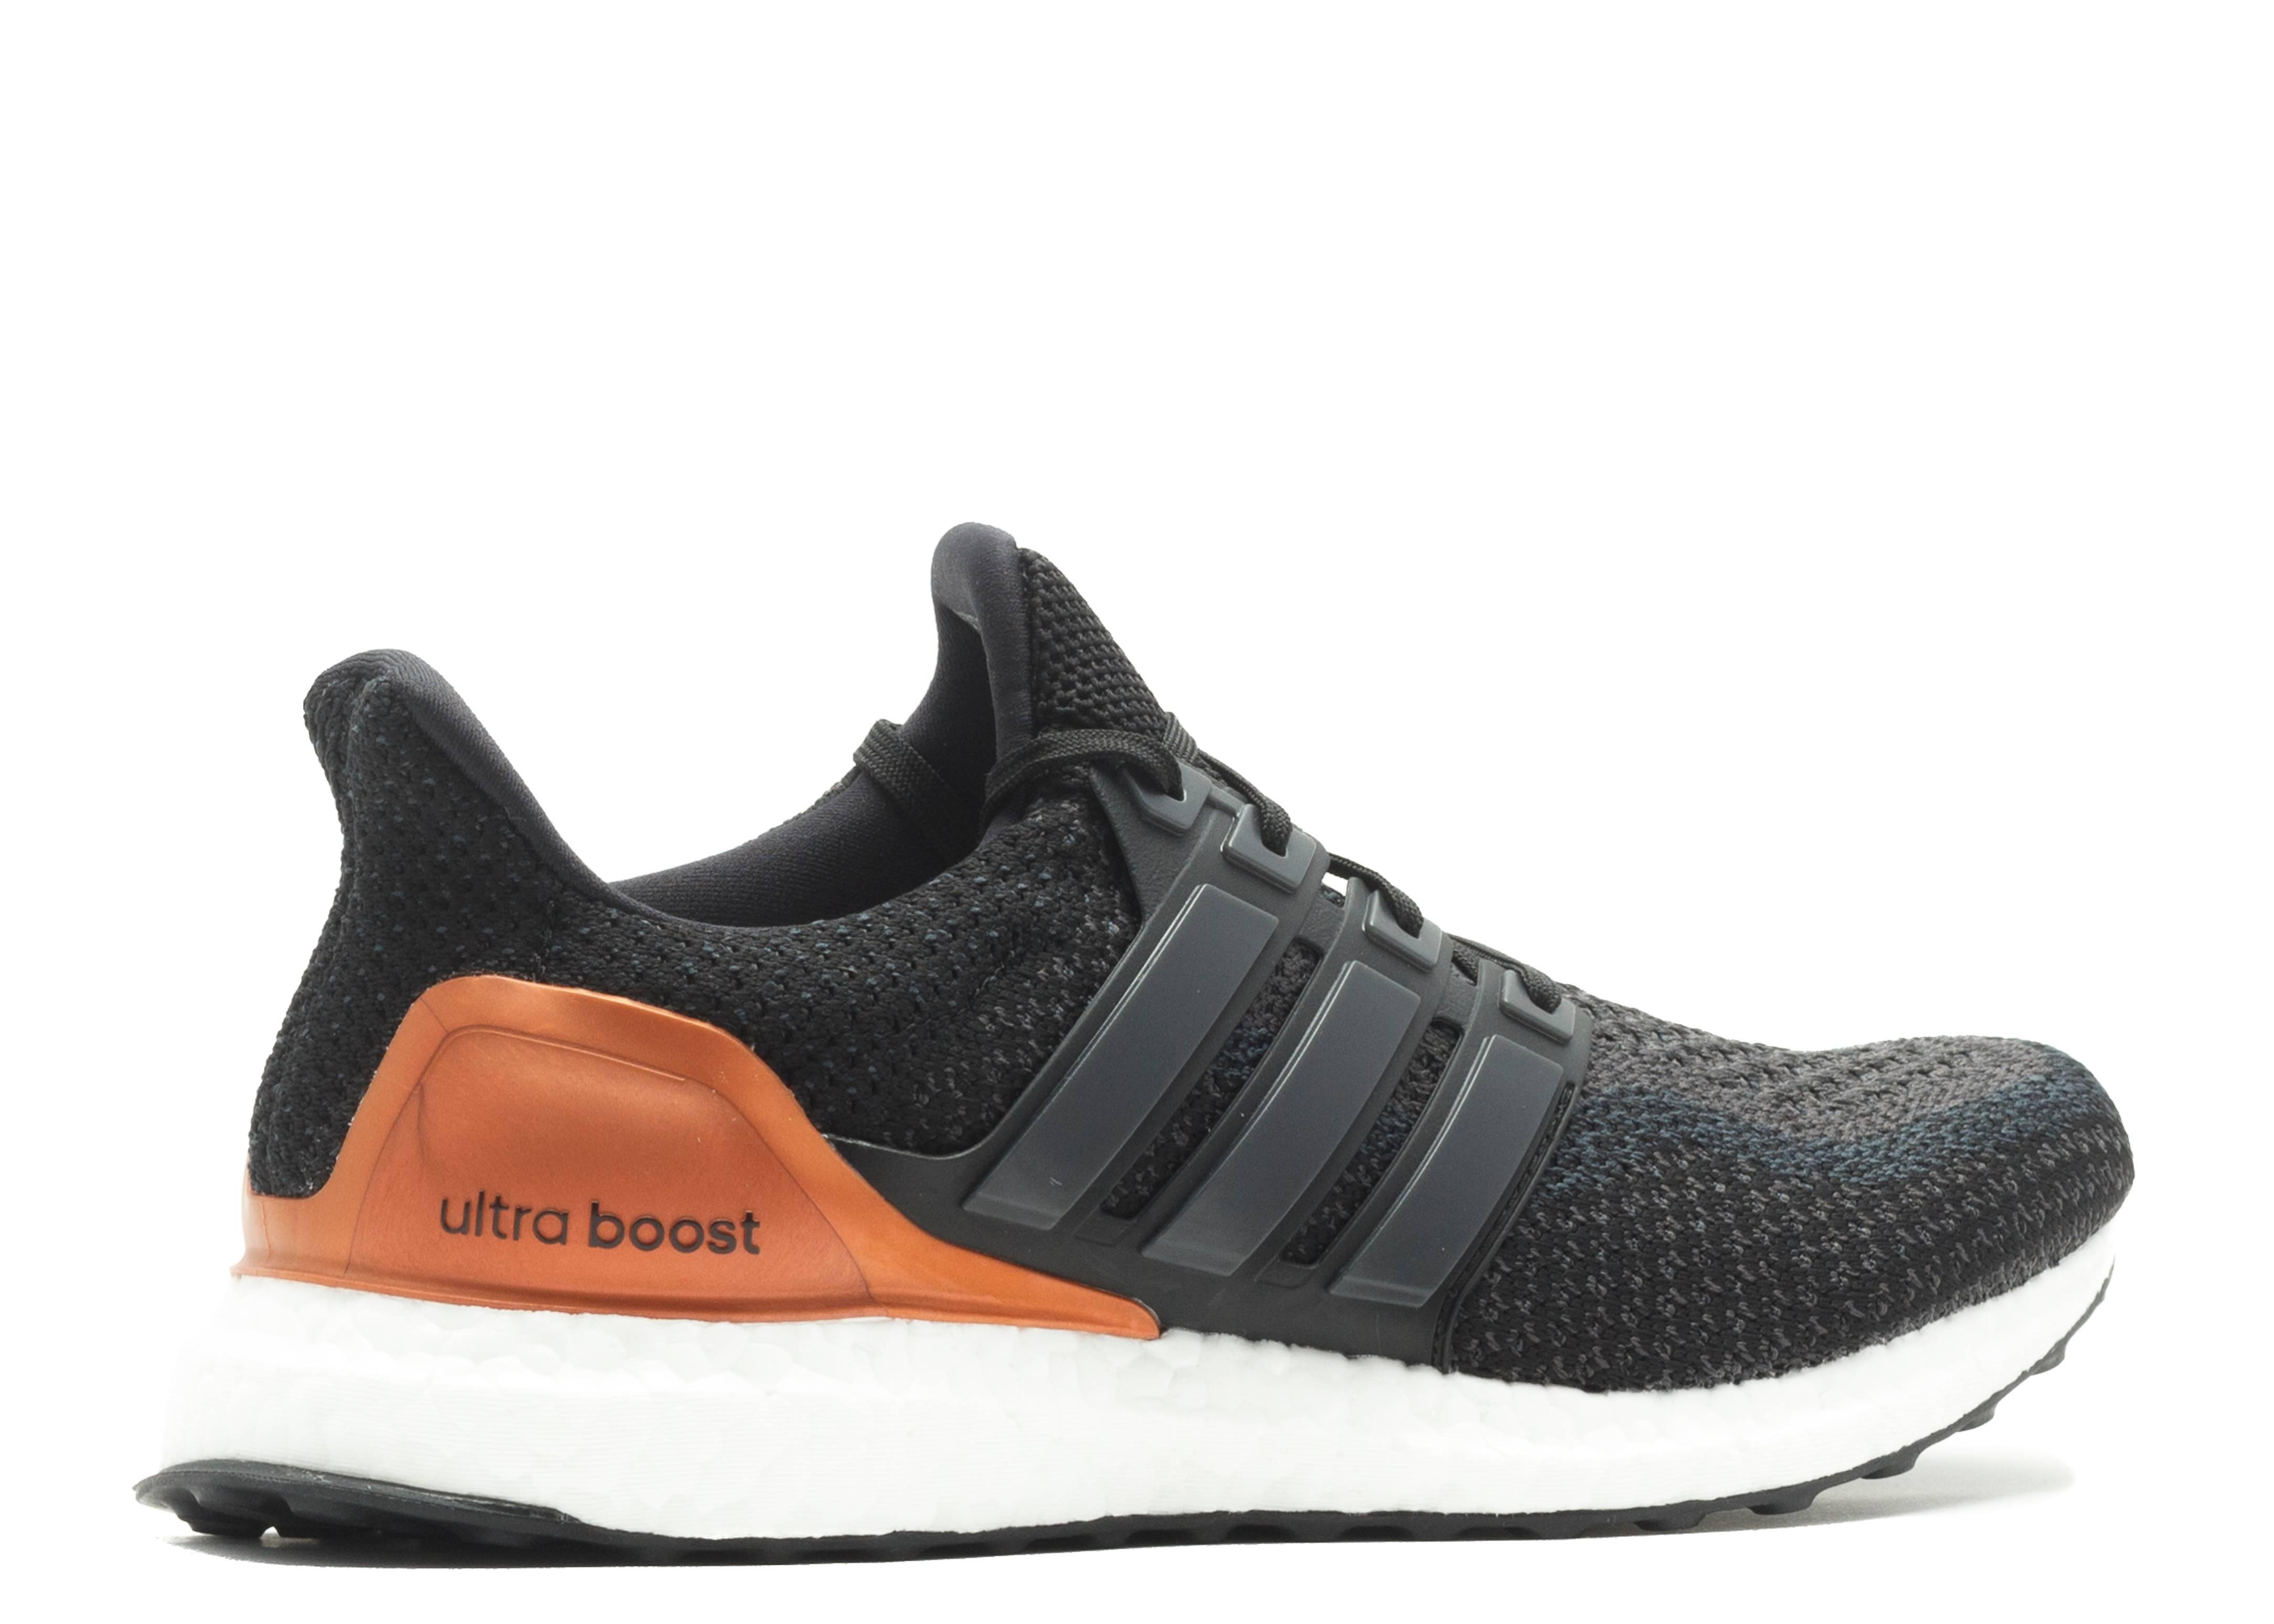 new arrival bace1 1d674 ... adidas ultra boost ltd